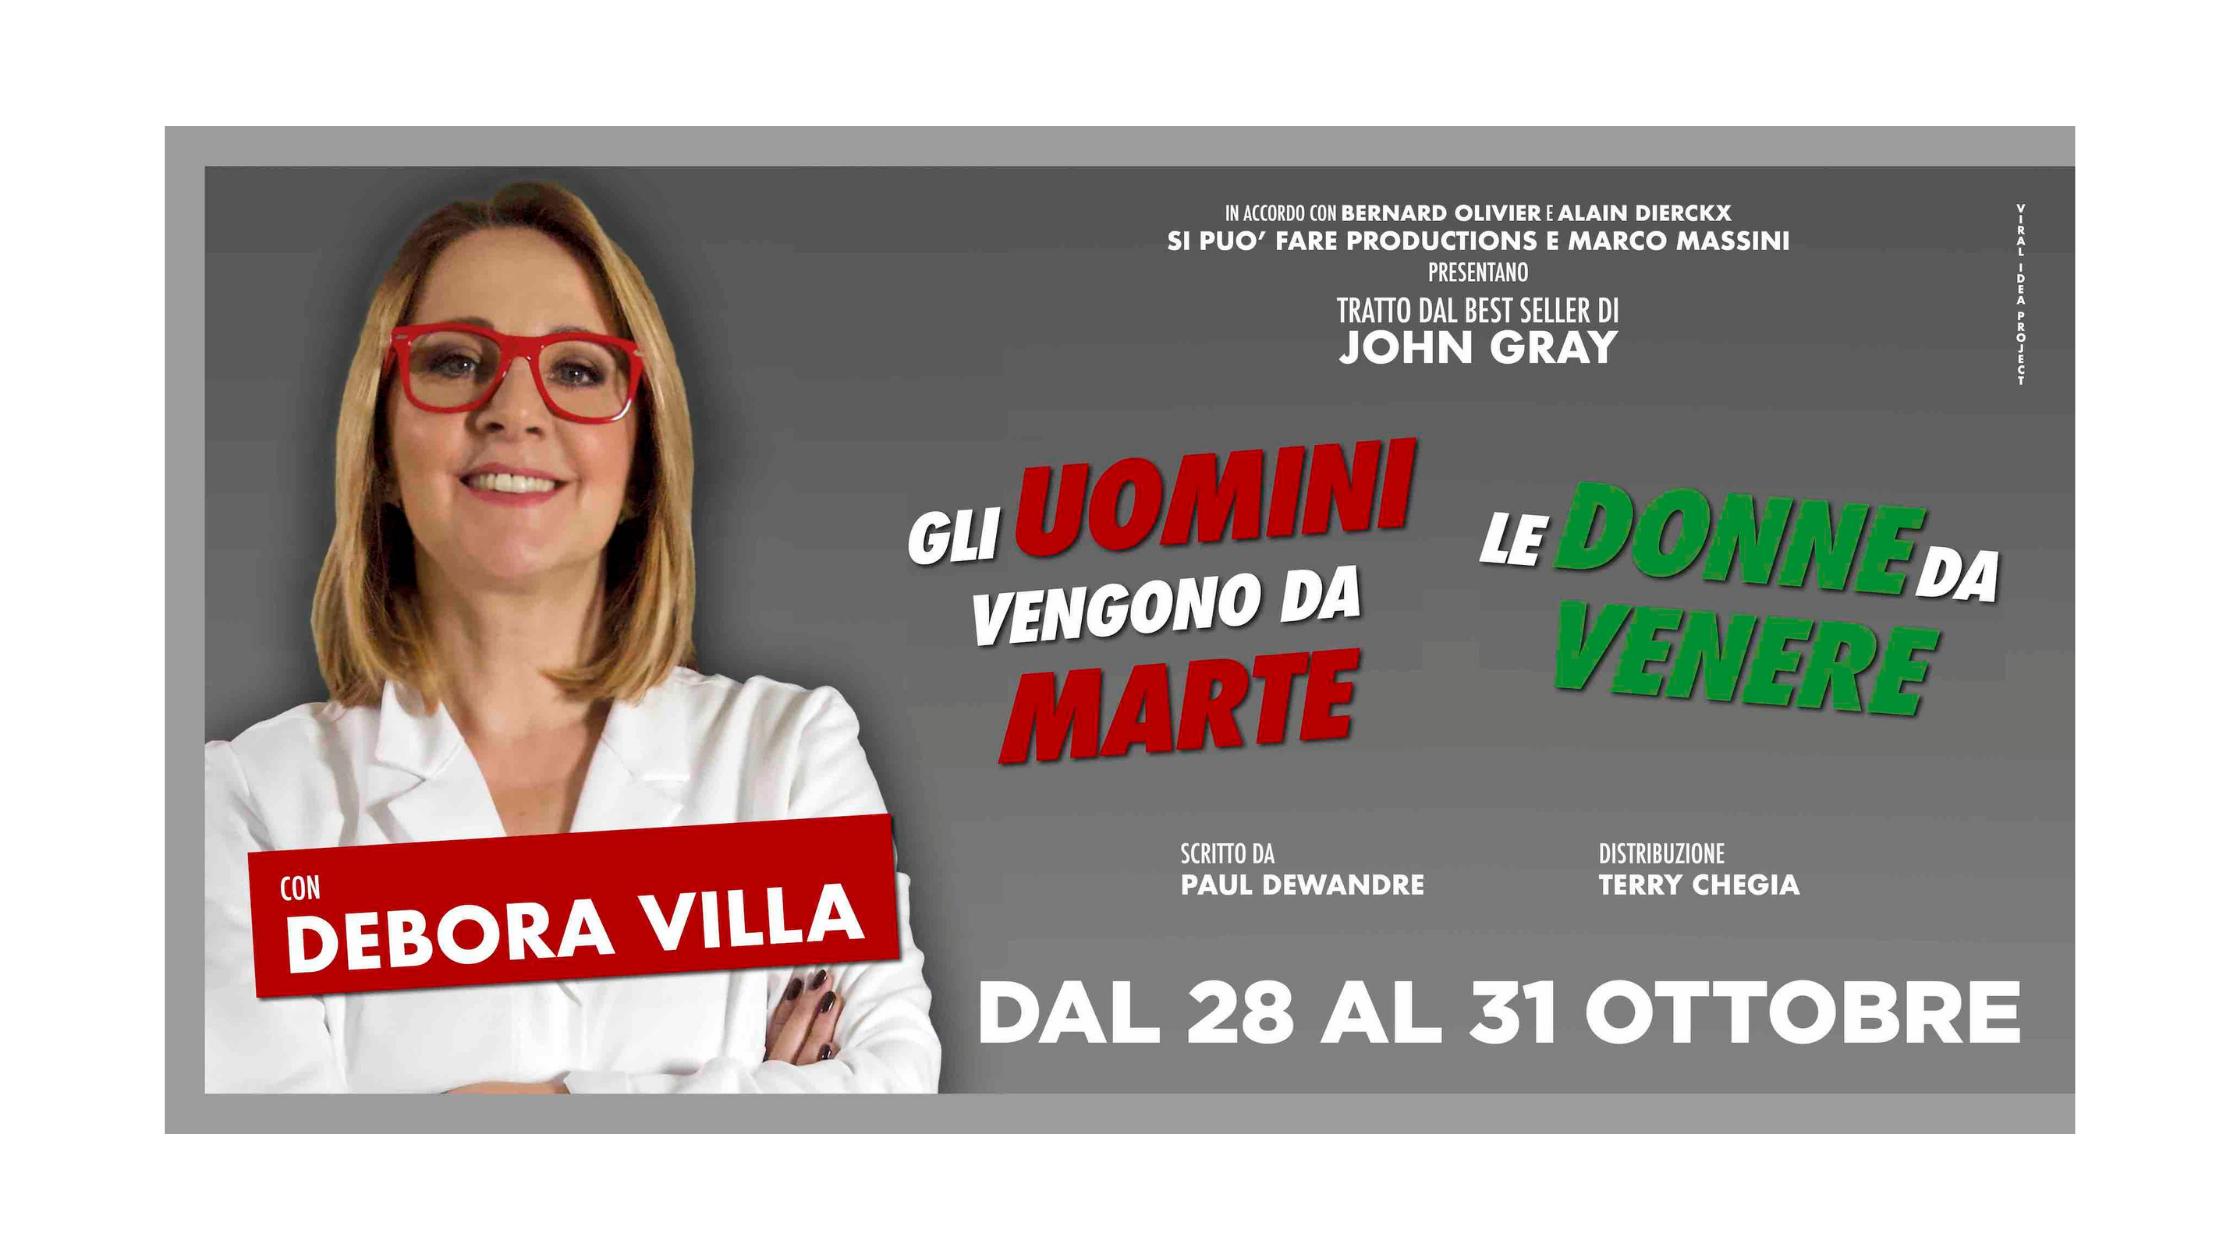 """Milano. Al Teatro Manzoni Debora Villa con """"Gli uomini vengono da Marte, le donne da Venere"""""""